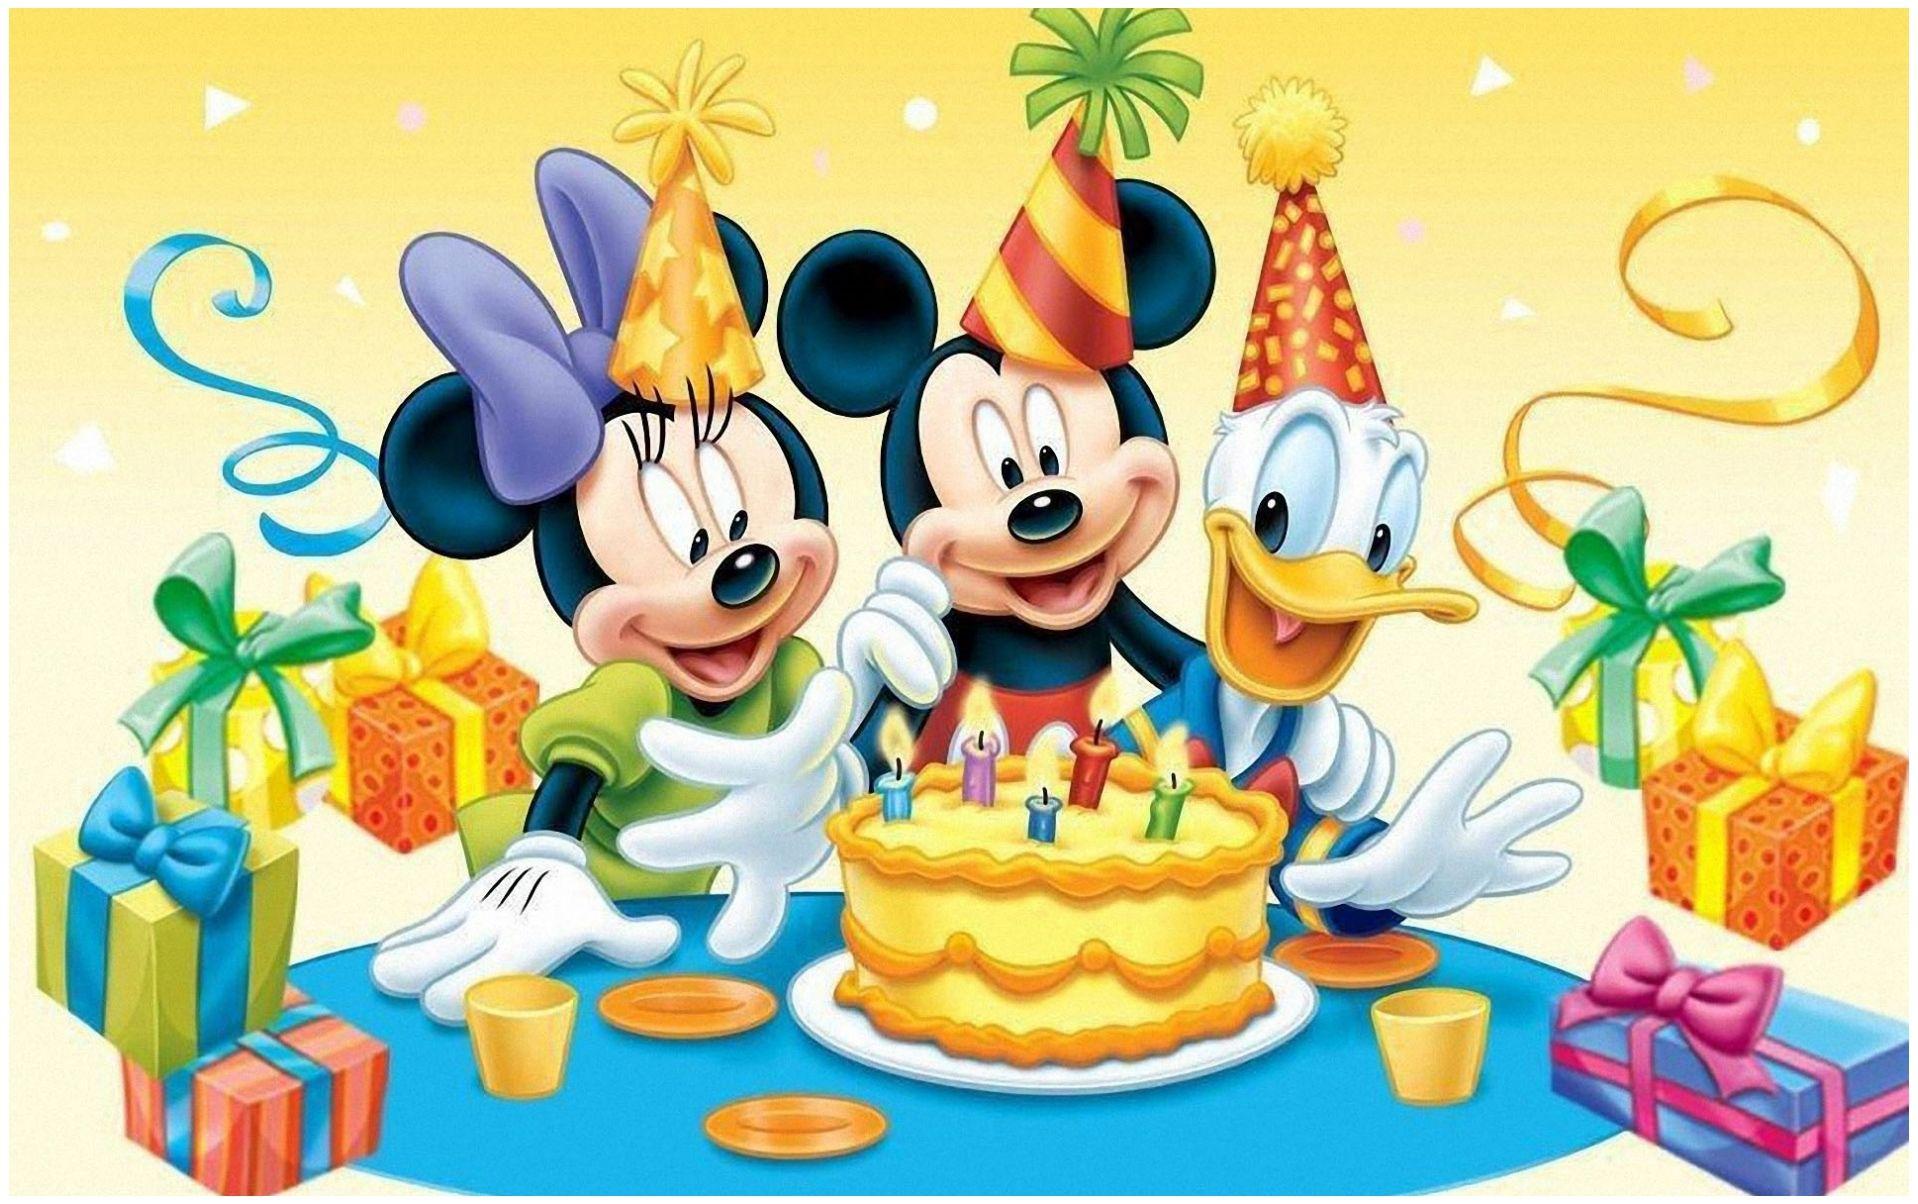 Free Gambar Backgrounds Mickey Mouse Hd Kartu Ulang Tahun Ulang